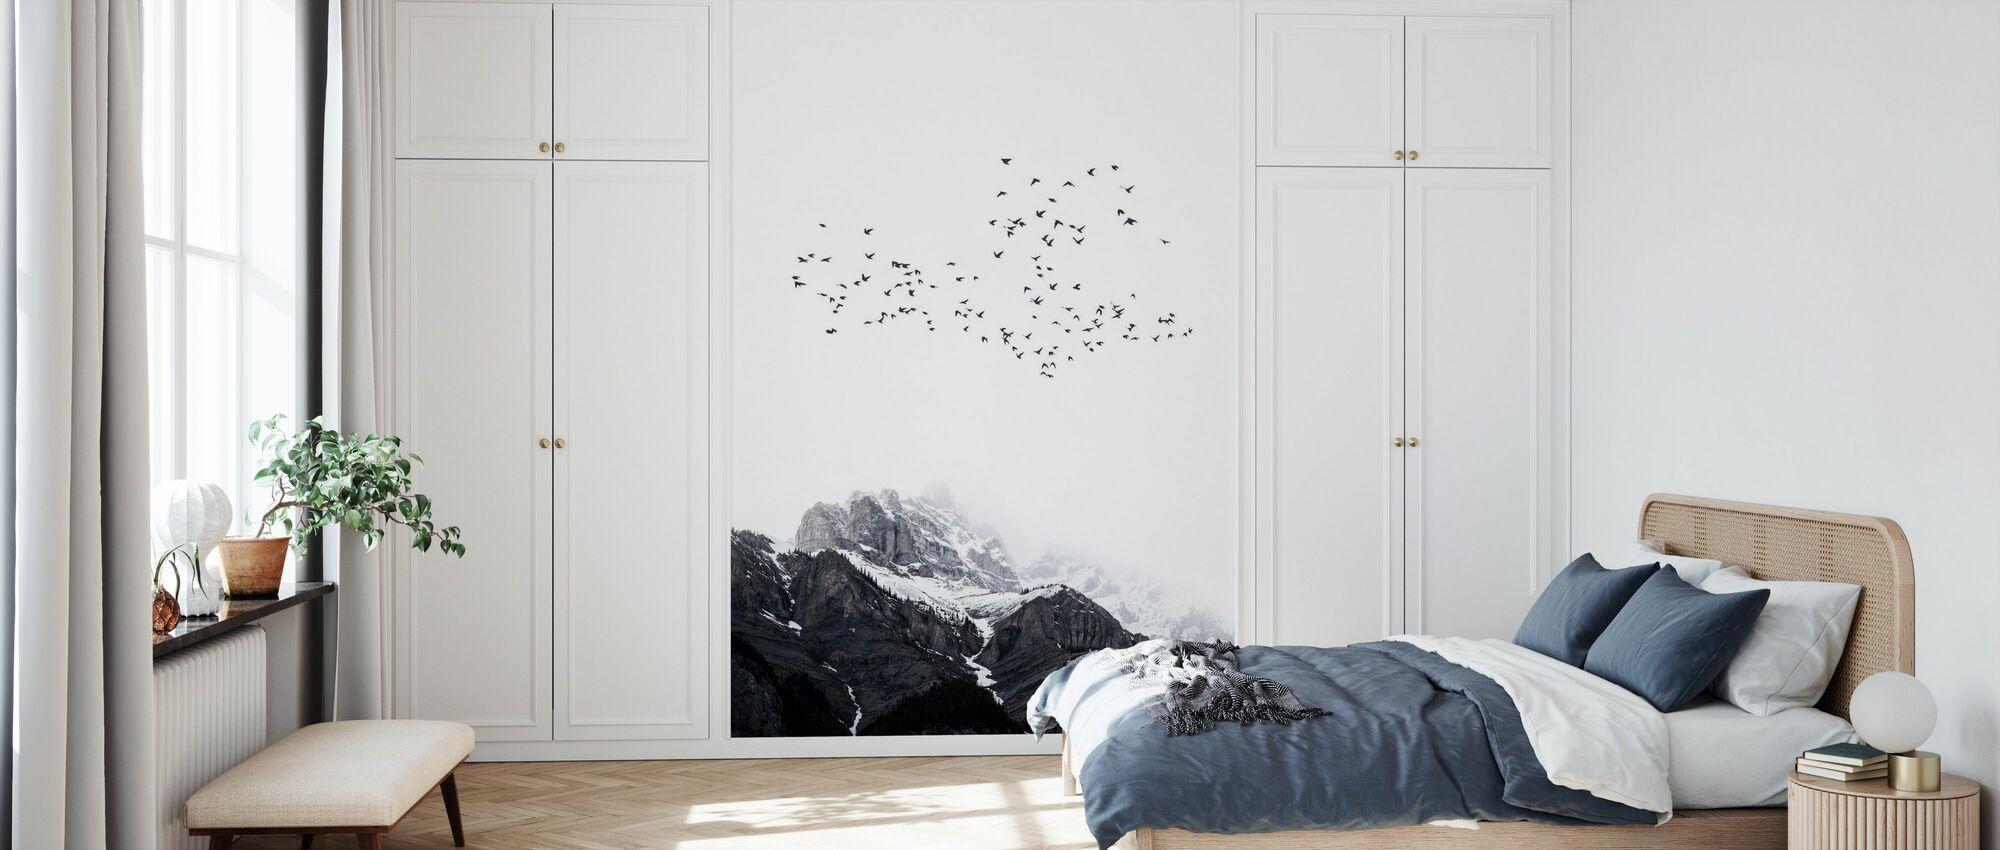 Top of the World - Wallpaper - Bedroom